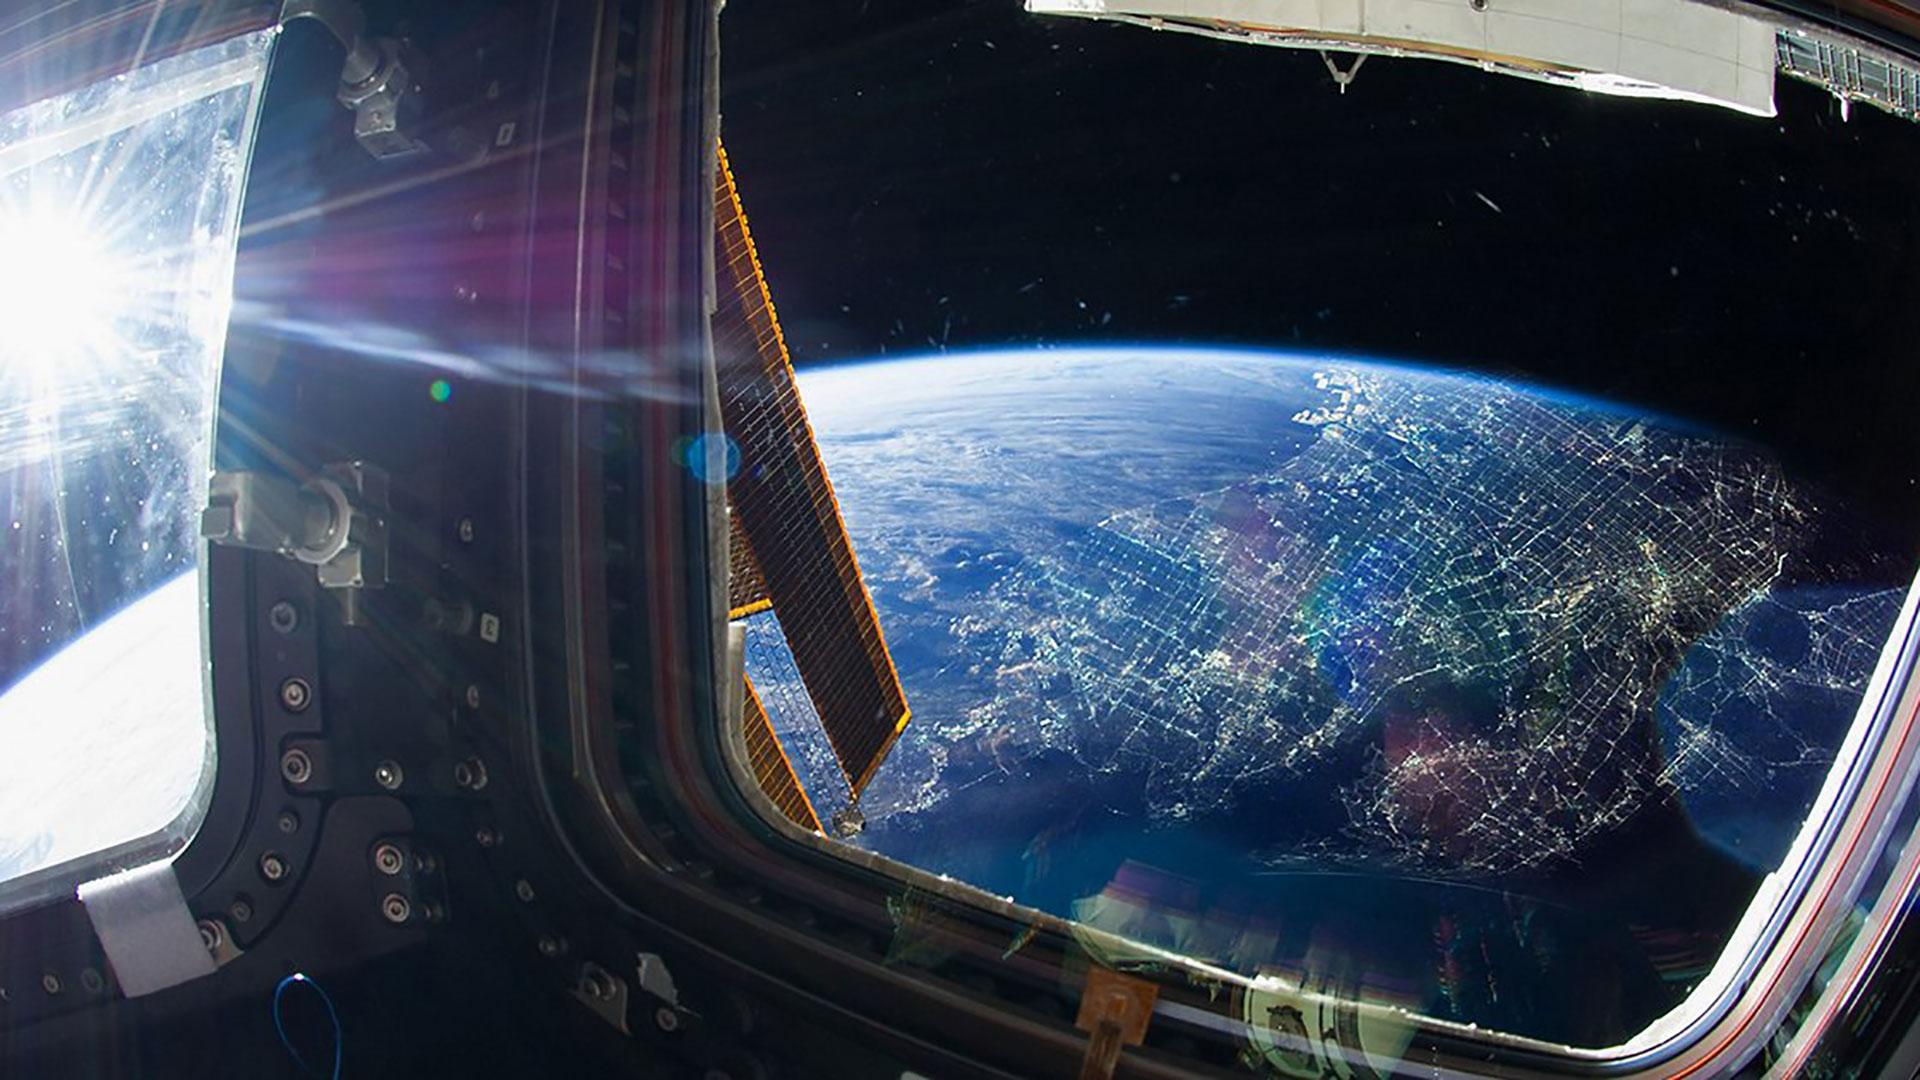 Turismo spaziale: cos'è e storia del fenomeno